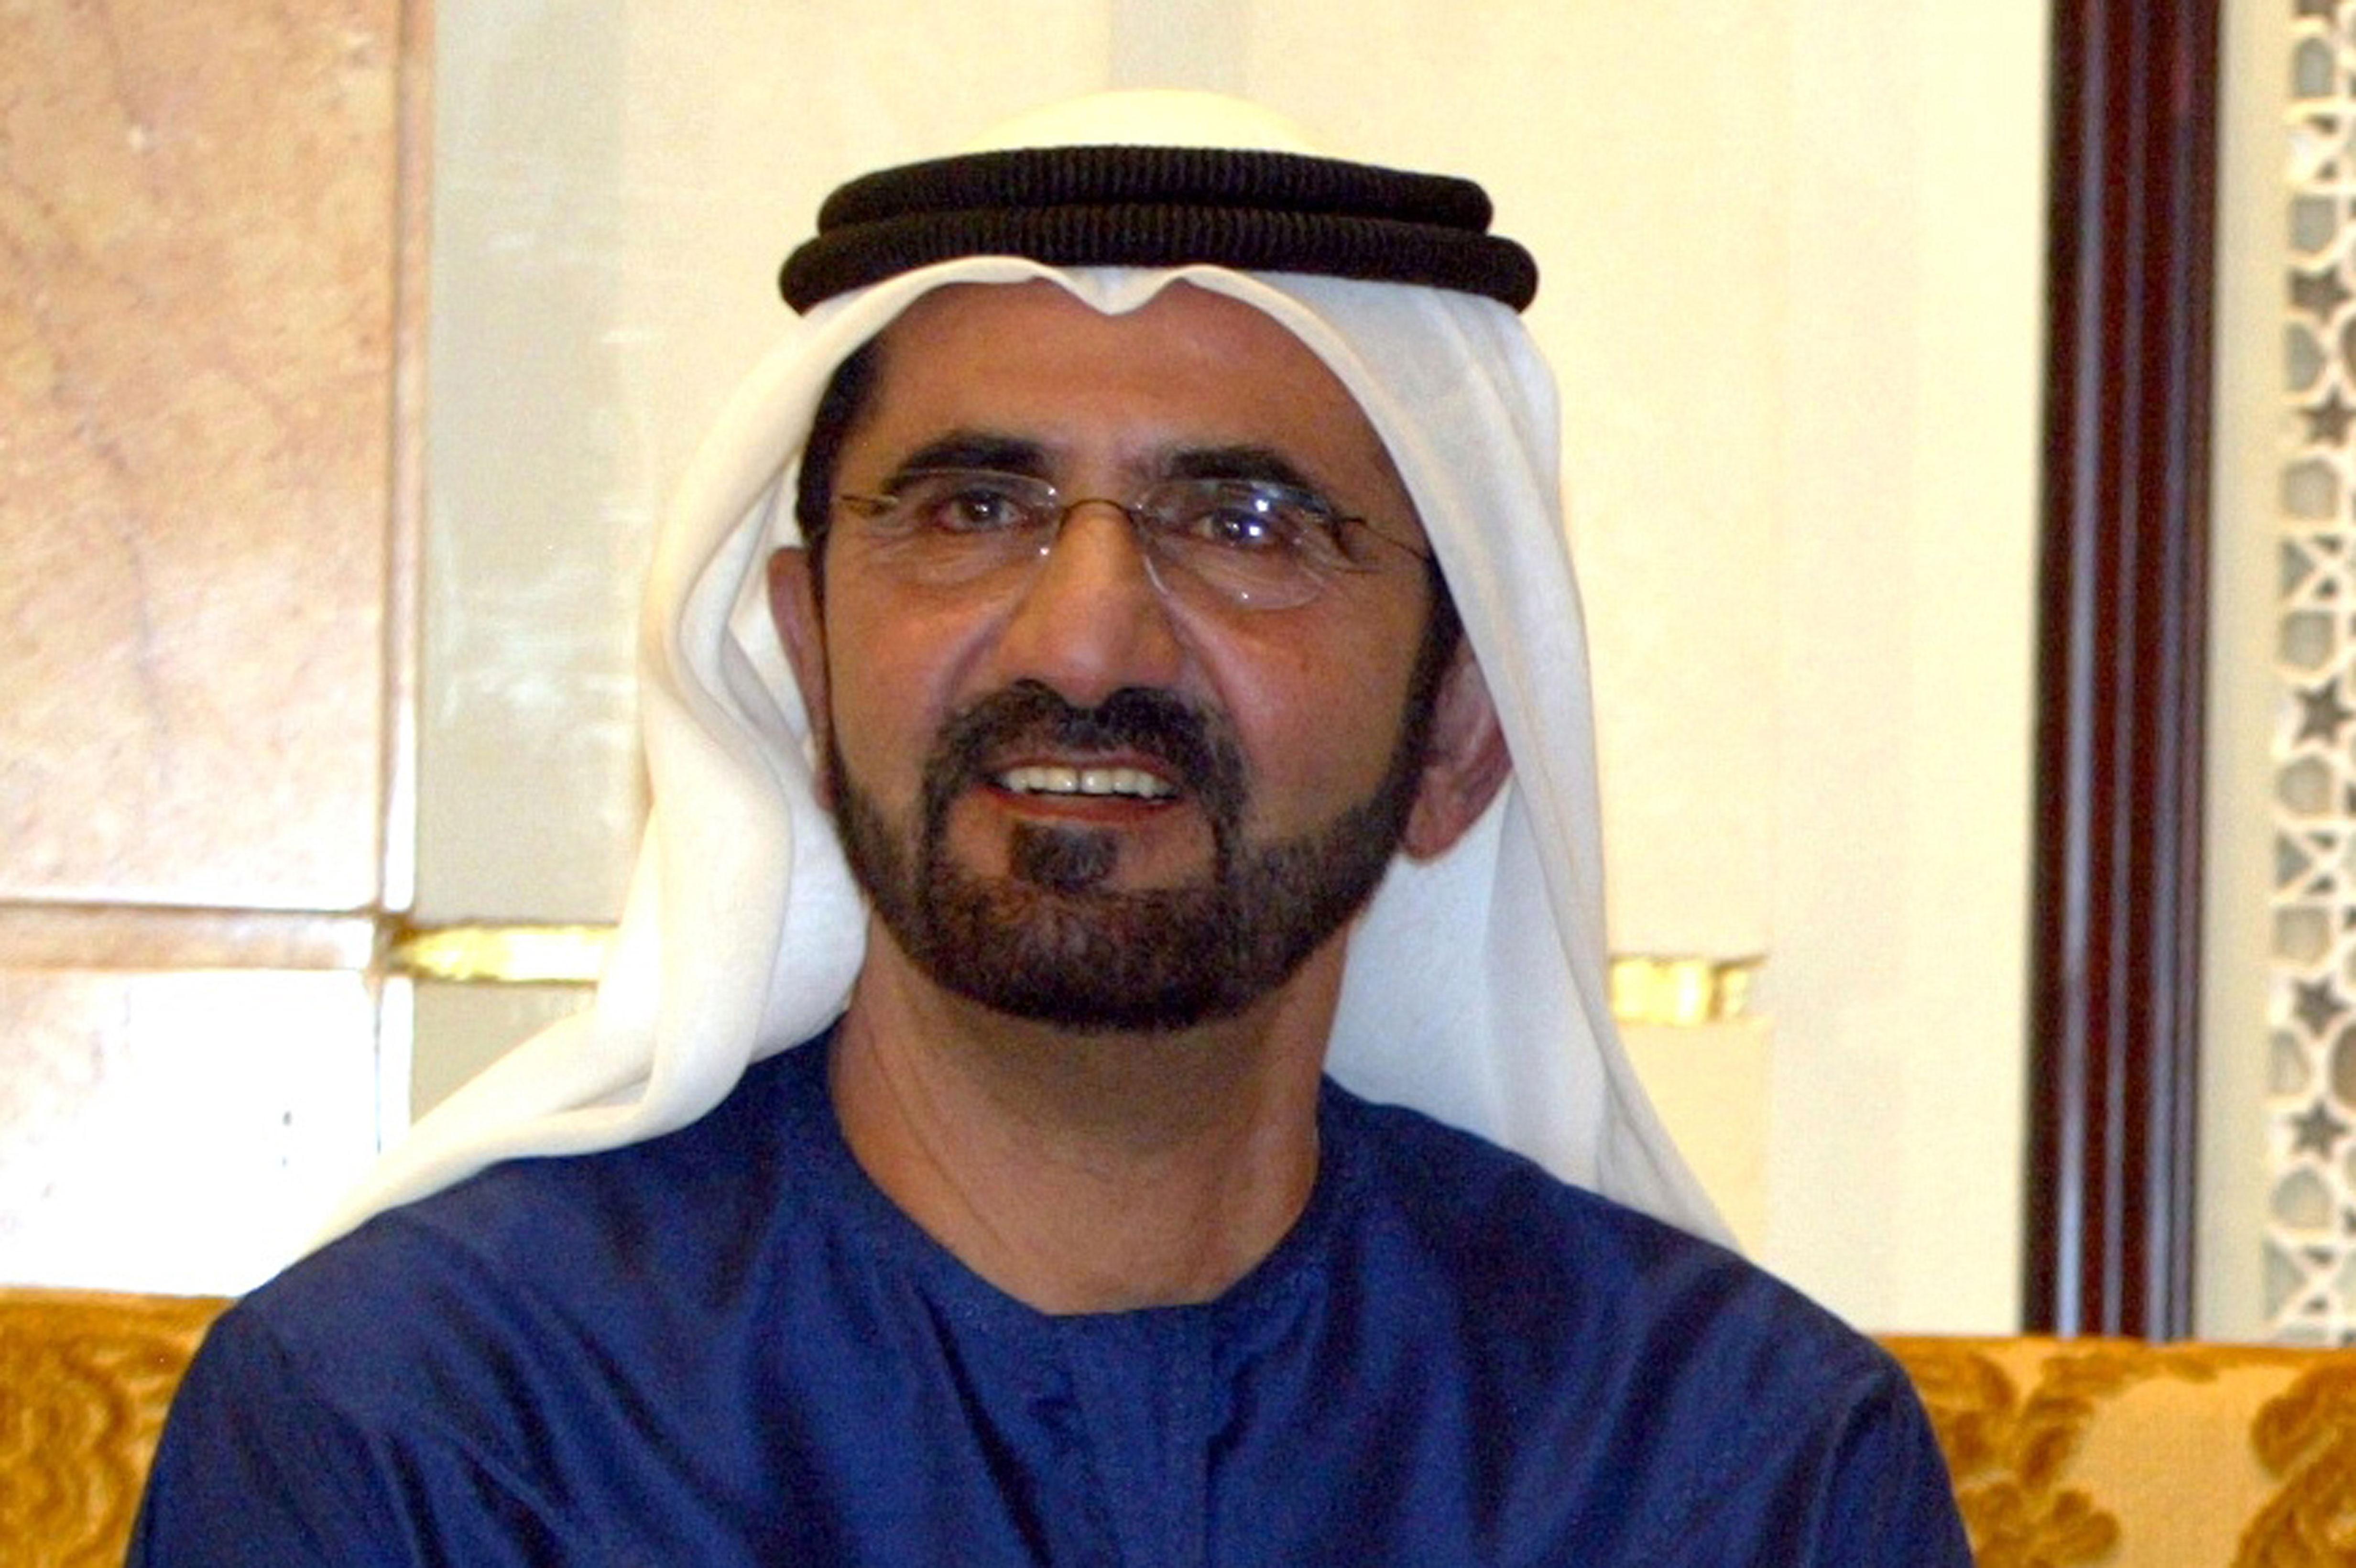 صاحب السمو الشيخ محمد بن راشد آل مكتوم - وطن السعادة والإيجابية